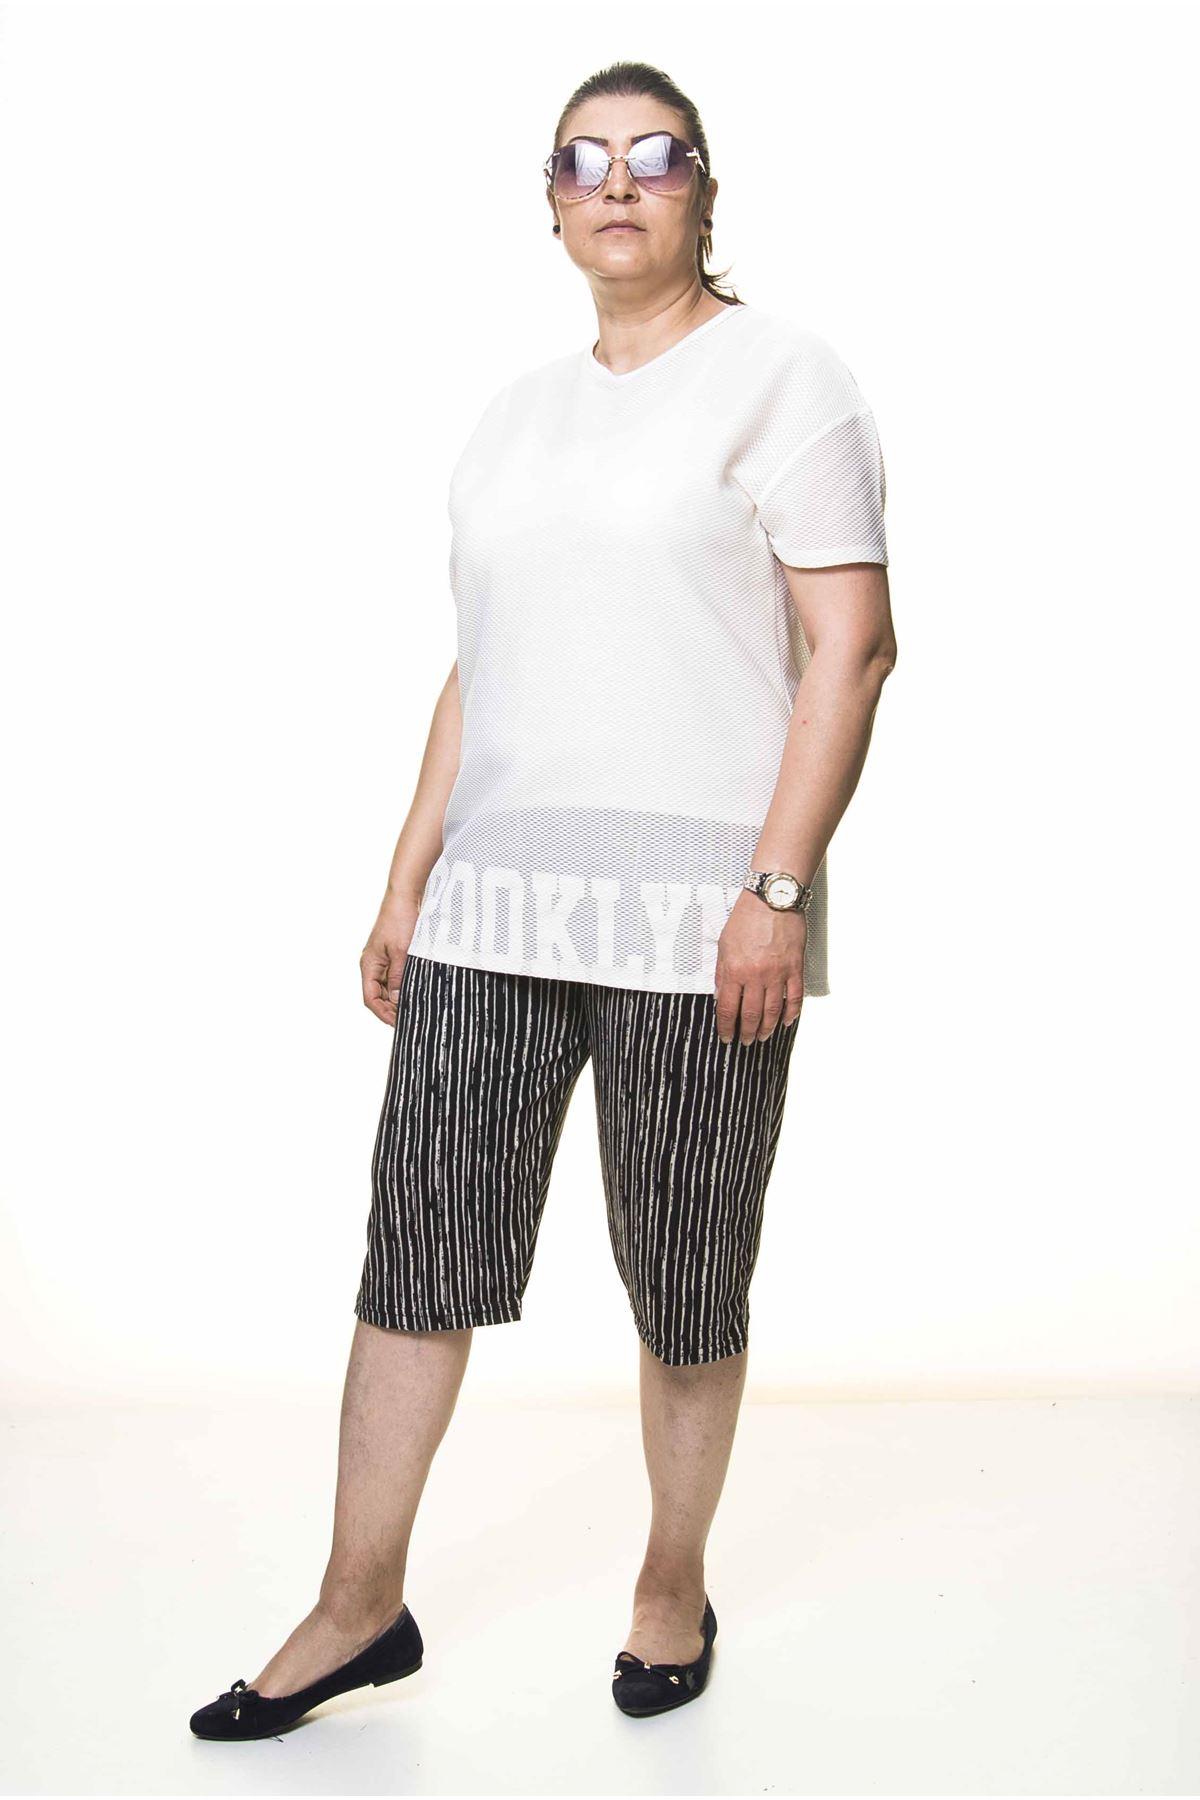 Kadın Büyük Beden Siyah Yazlık Kapri Pantolon 6C-4002